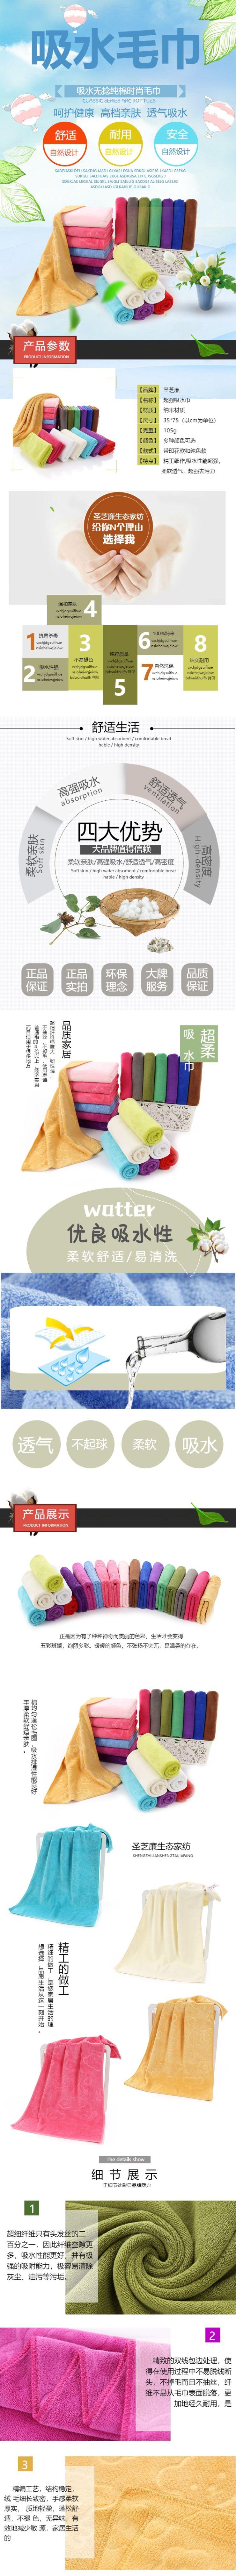 简约时尚毛巾电商详情页